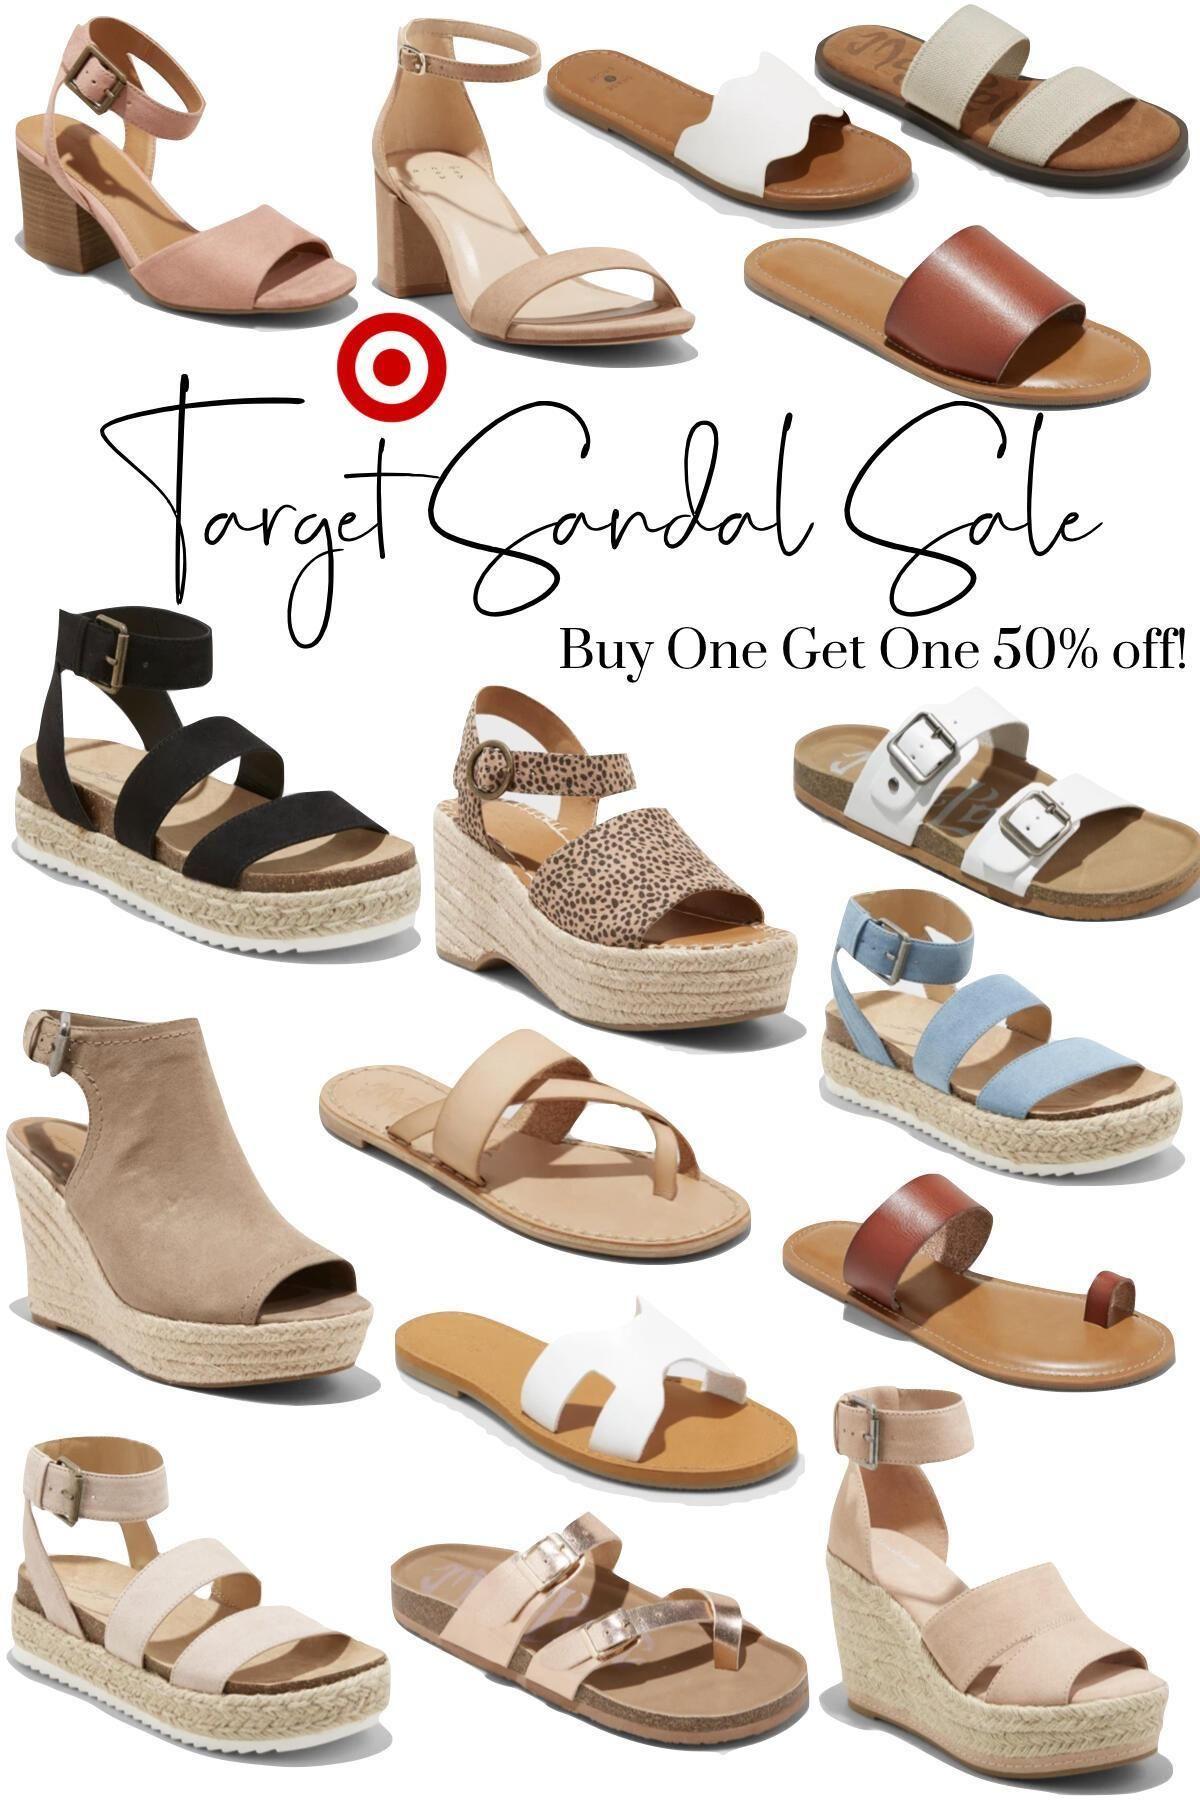 Target Sandal Sale // BOGO 50% Off - An